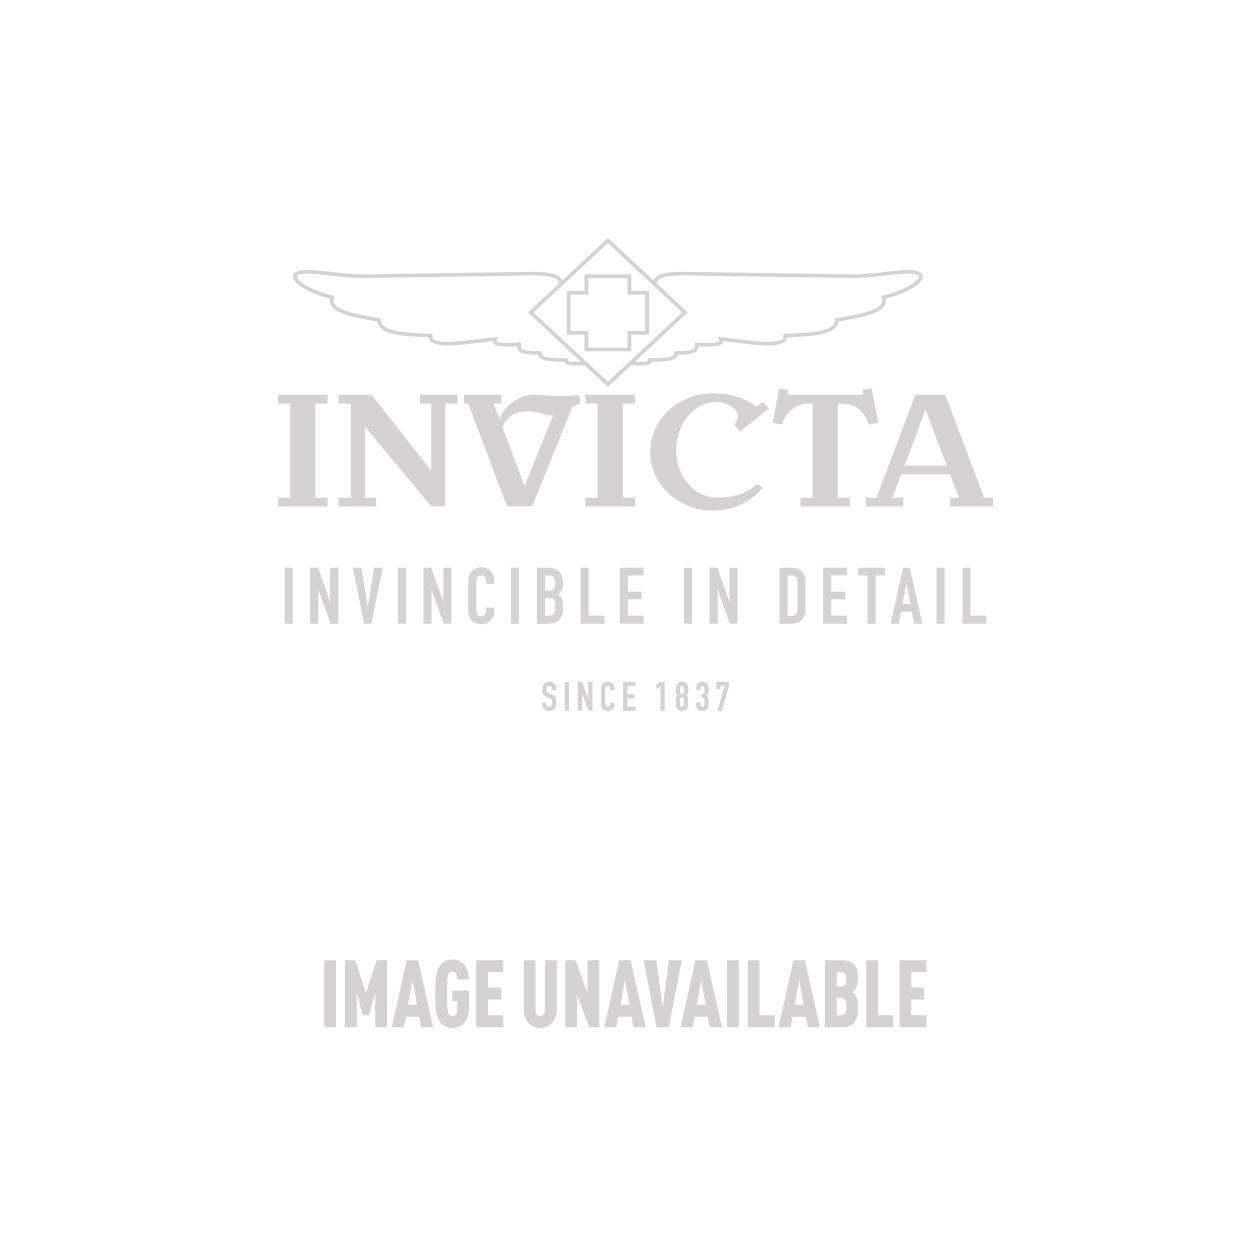 Invicta Model 25558